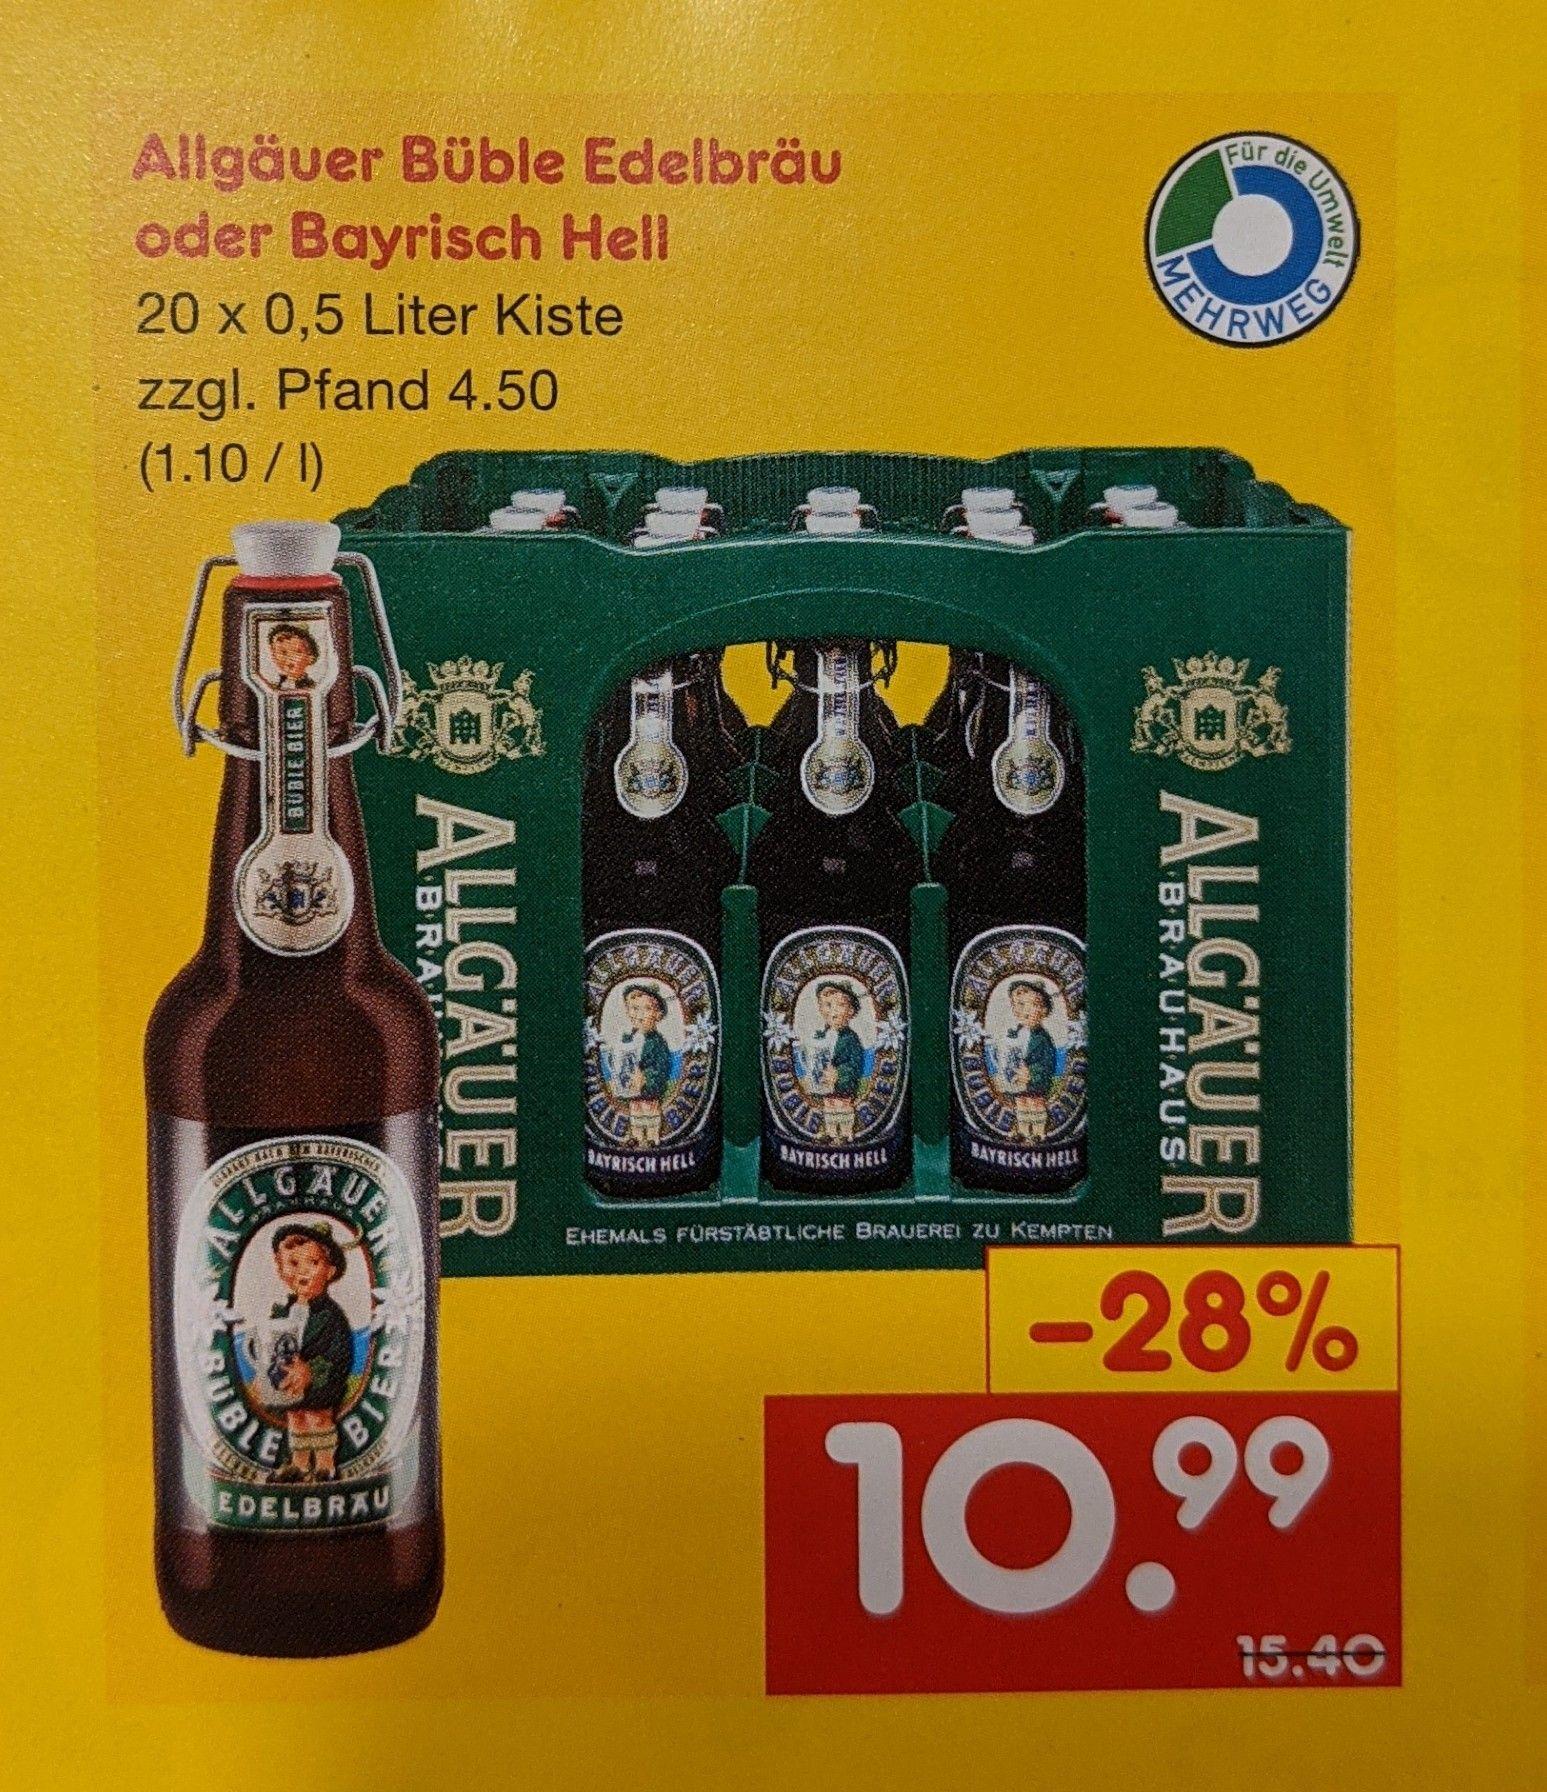 [Netto Getränke-Discount Lokal Berlin Treseburger Straße] Allgäuer Büble Edelbräu oder Bayrisch Hell 20 x 0,5l Bier